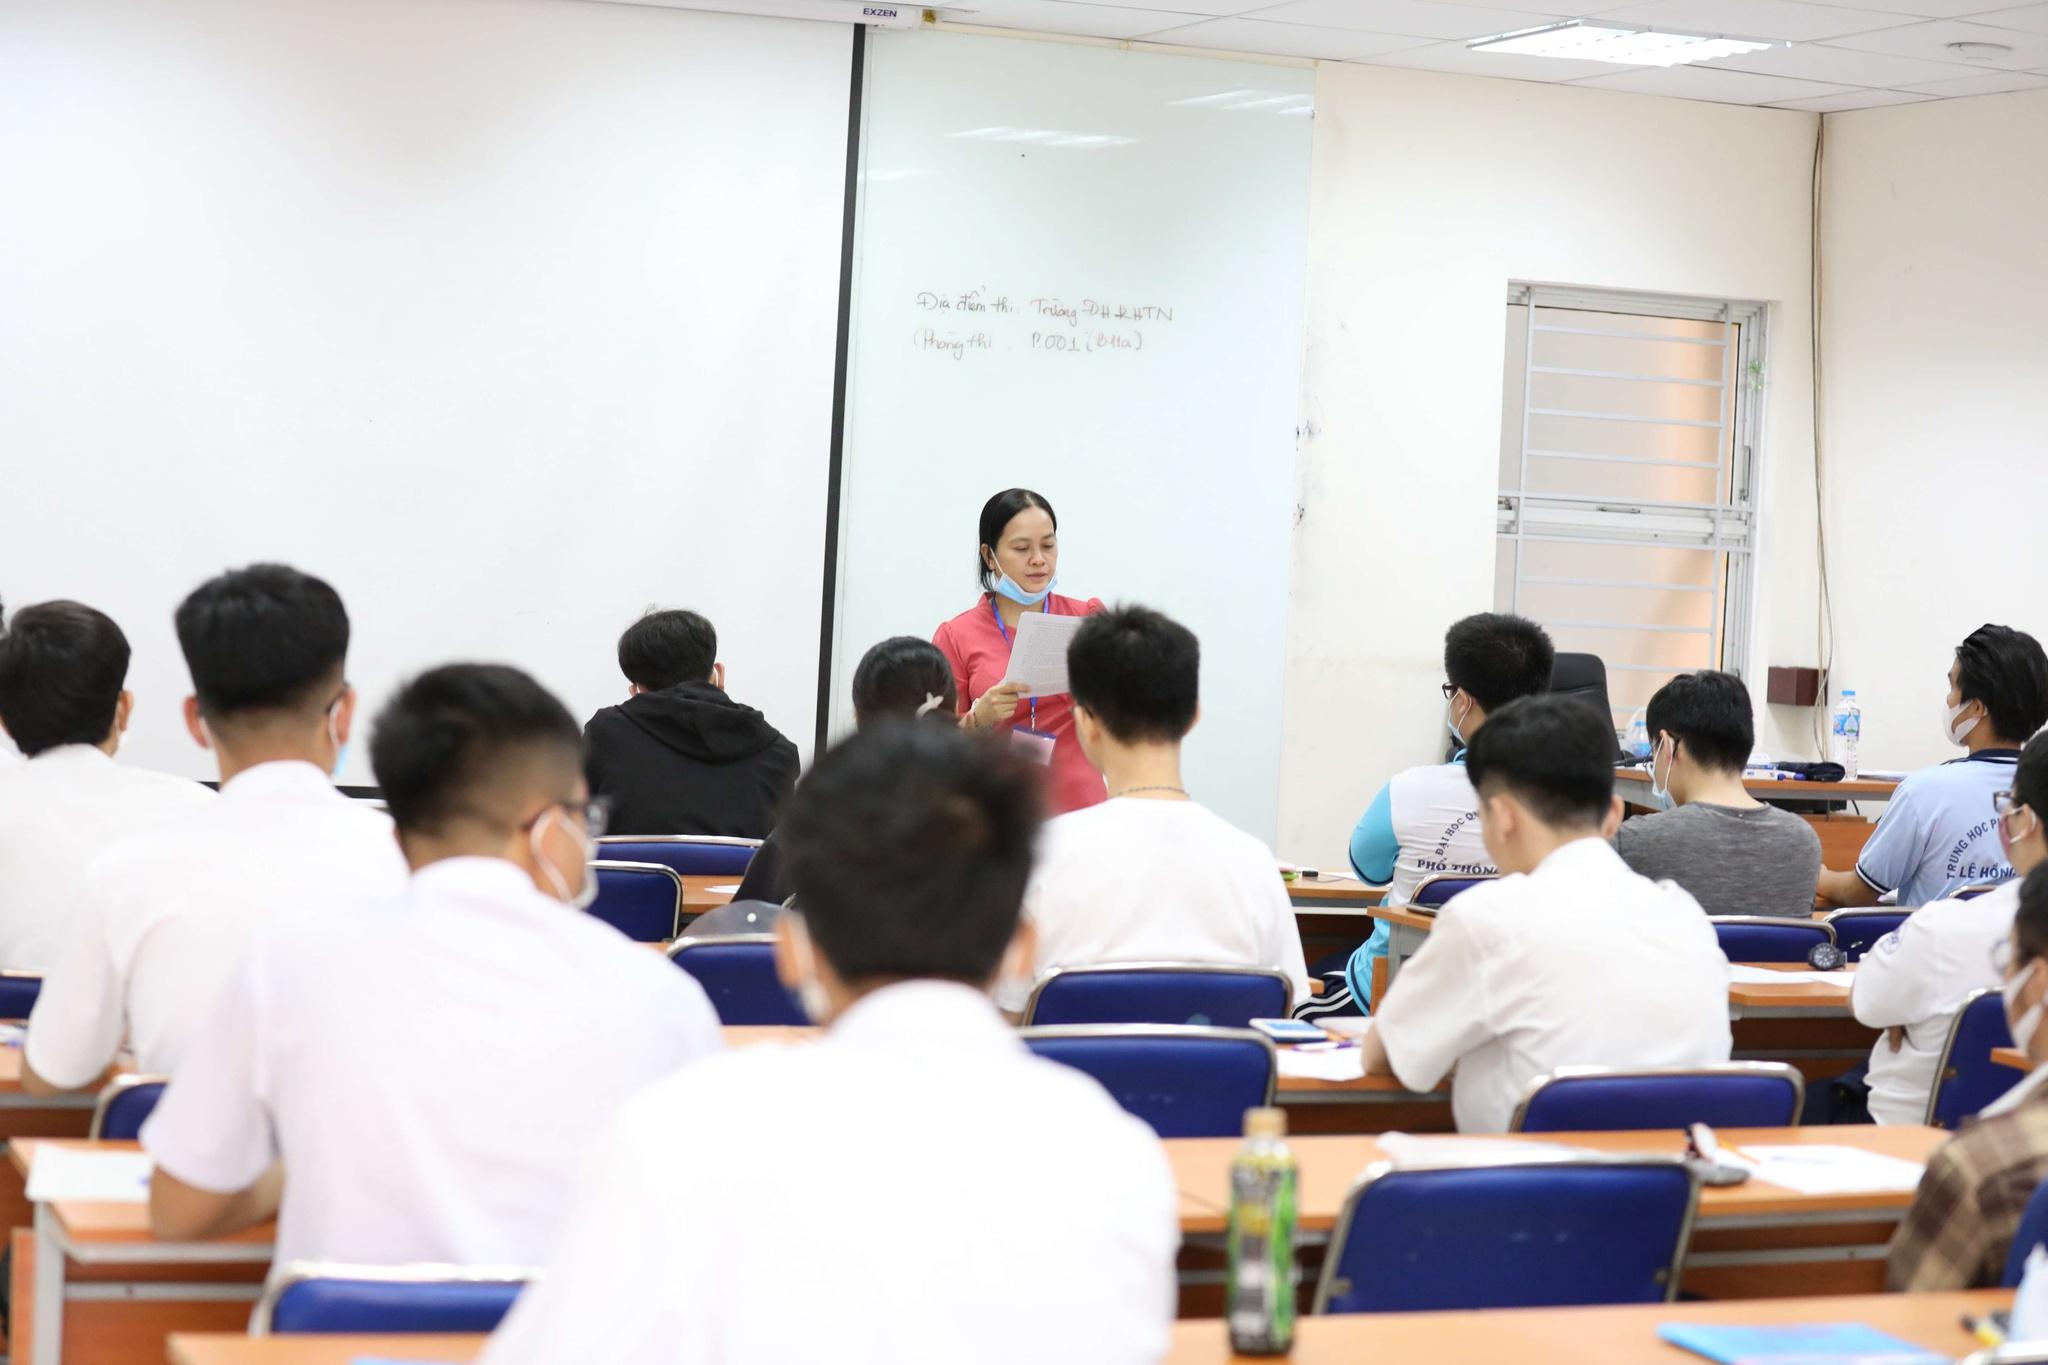 Thí sinh dự thi đánh giá năng lực tại Trường ĐH Khoa học tự nhiên TP.HCM năm nay /// Ngọc Dương